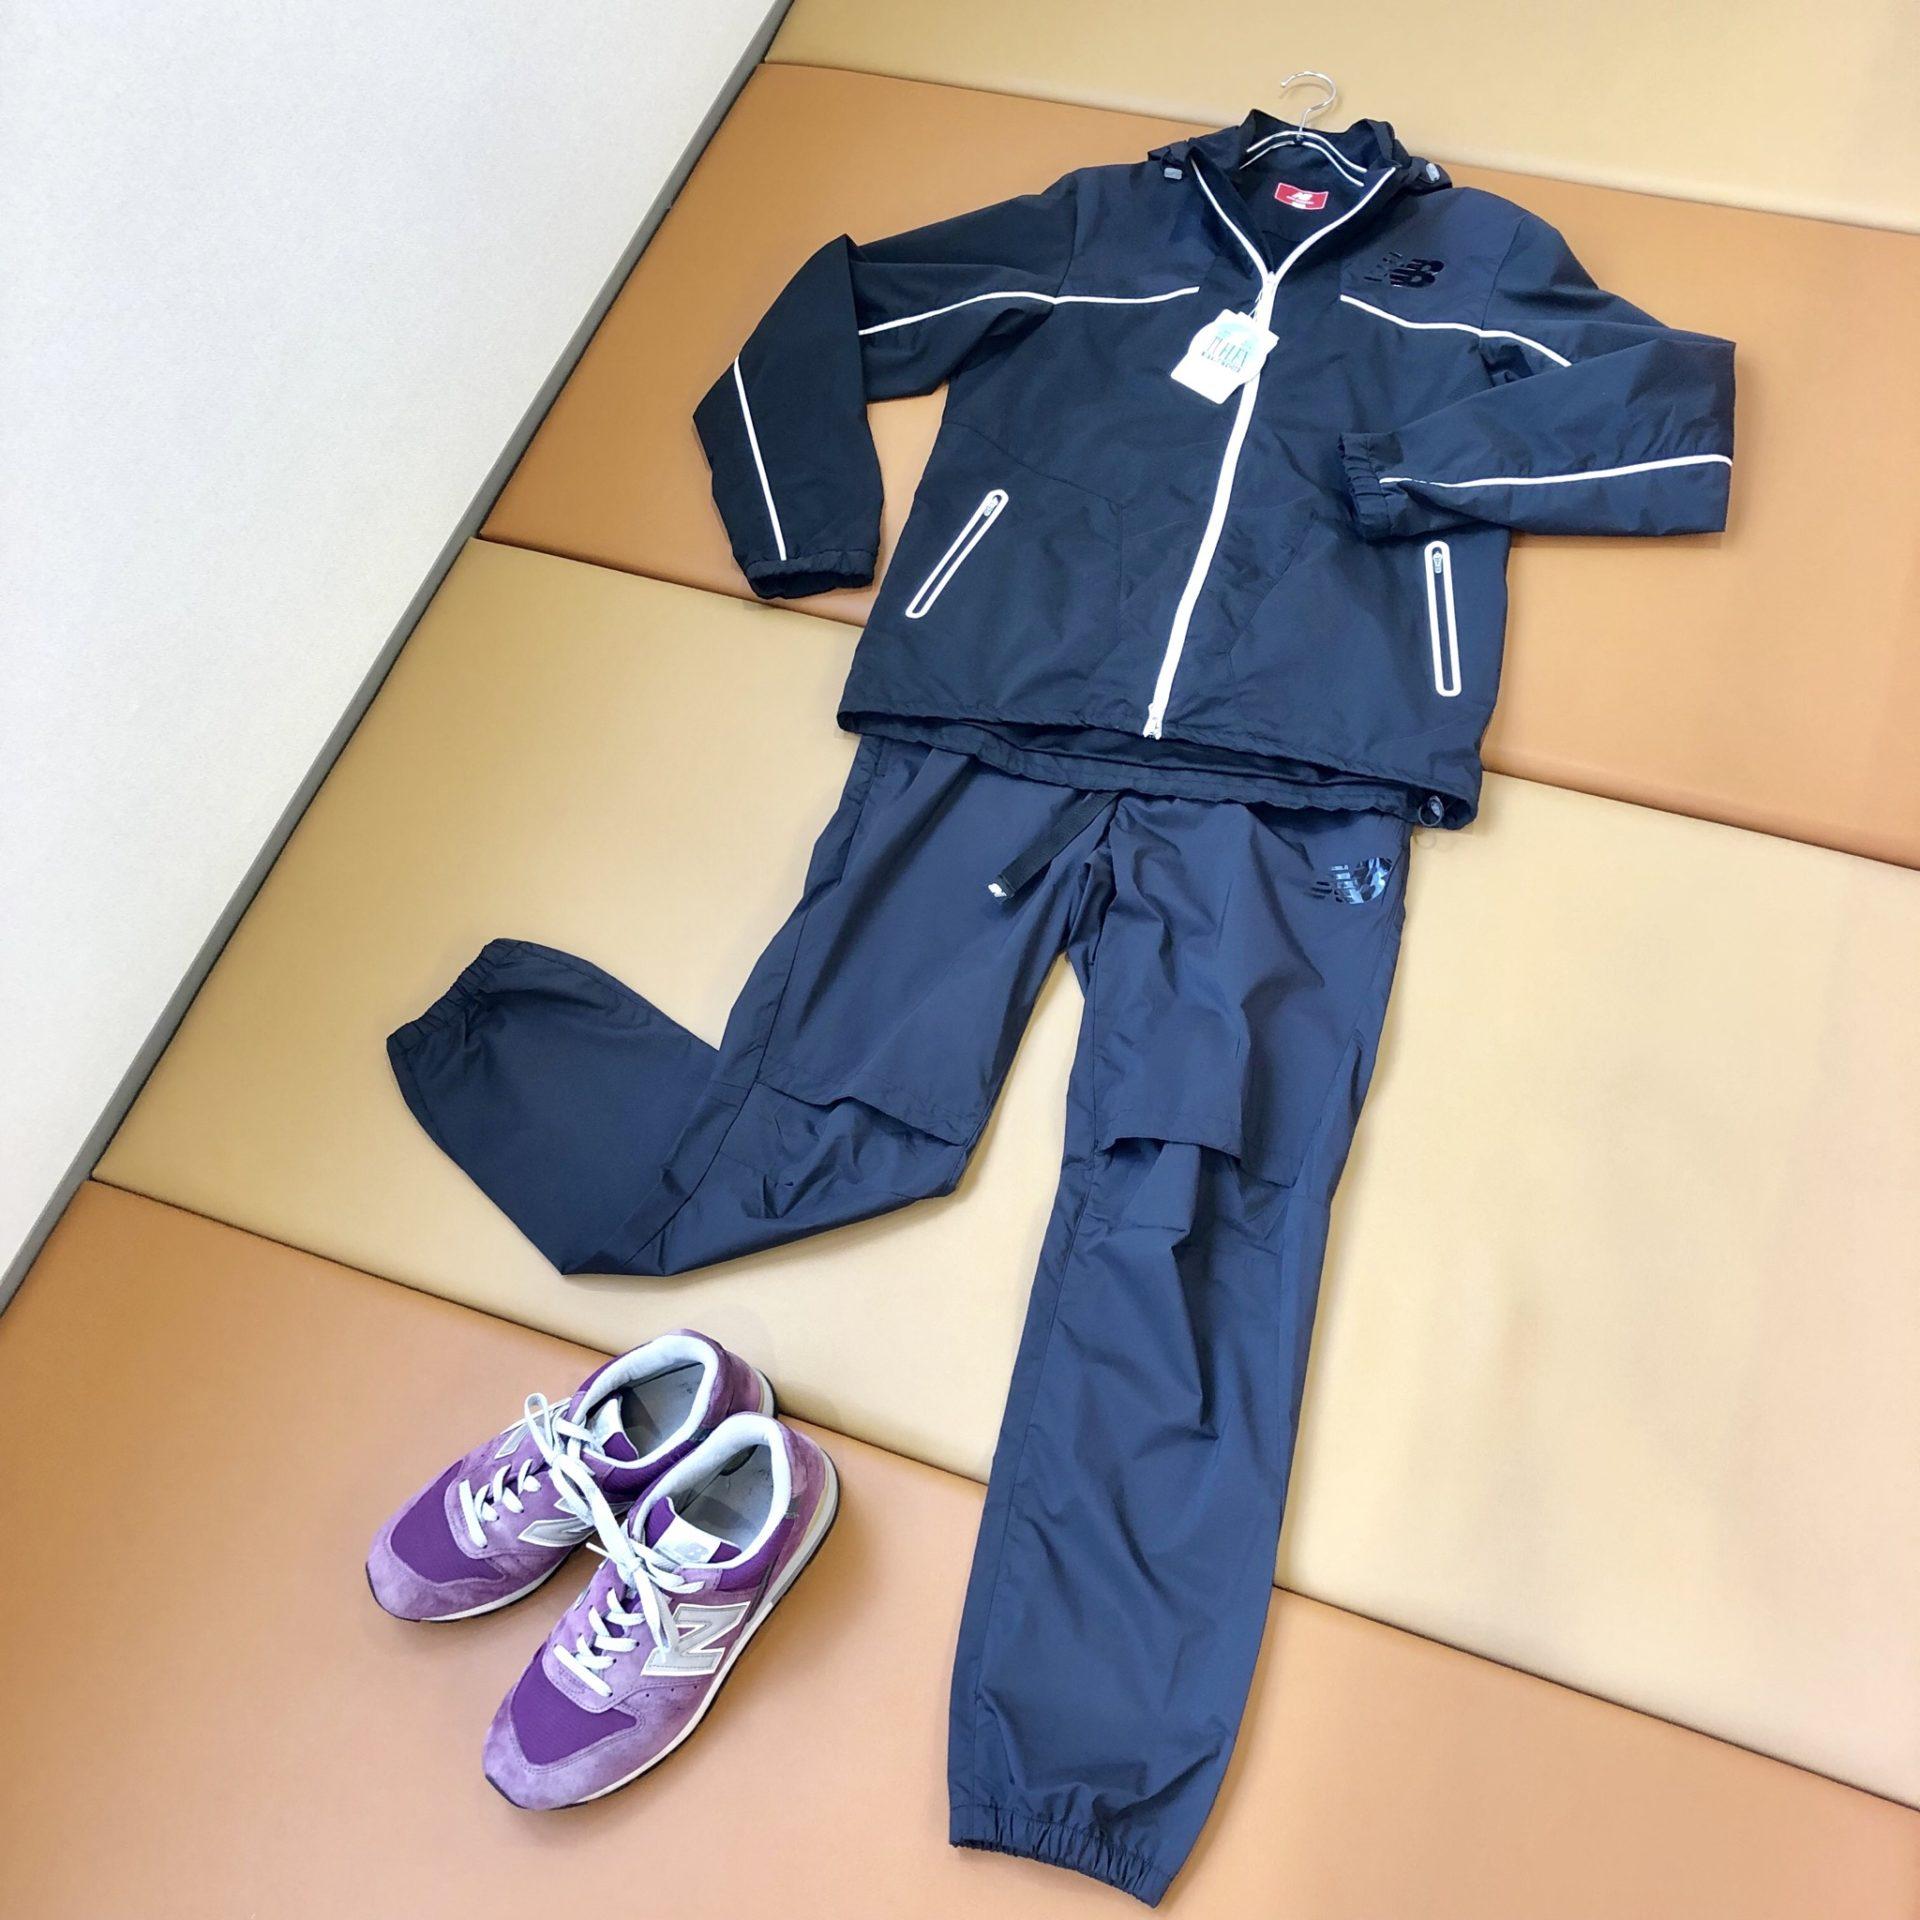 【盛岡 ニューバランス 販売】タフレックス ストレッチフルジップブルゾン&パンツ シューズ M996